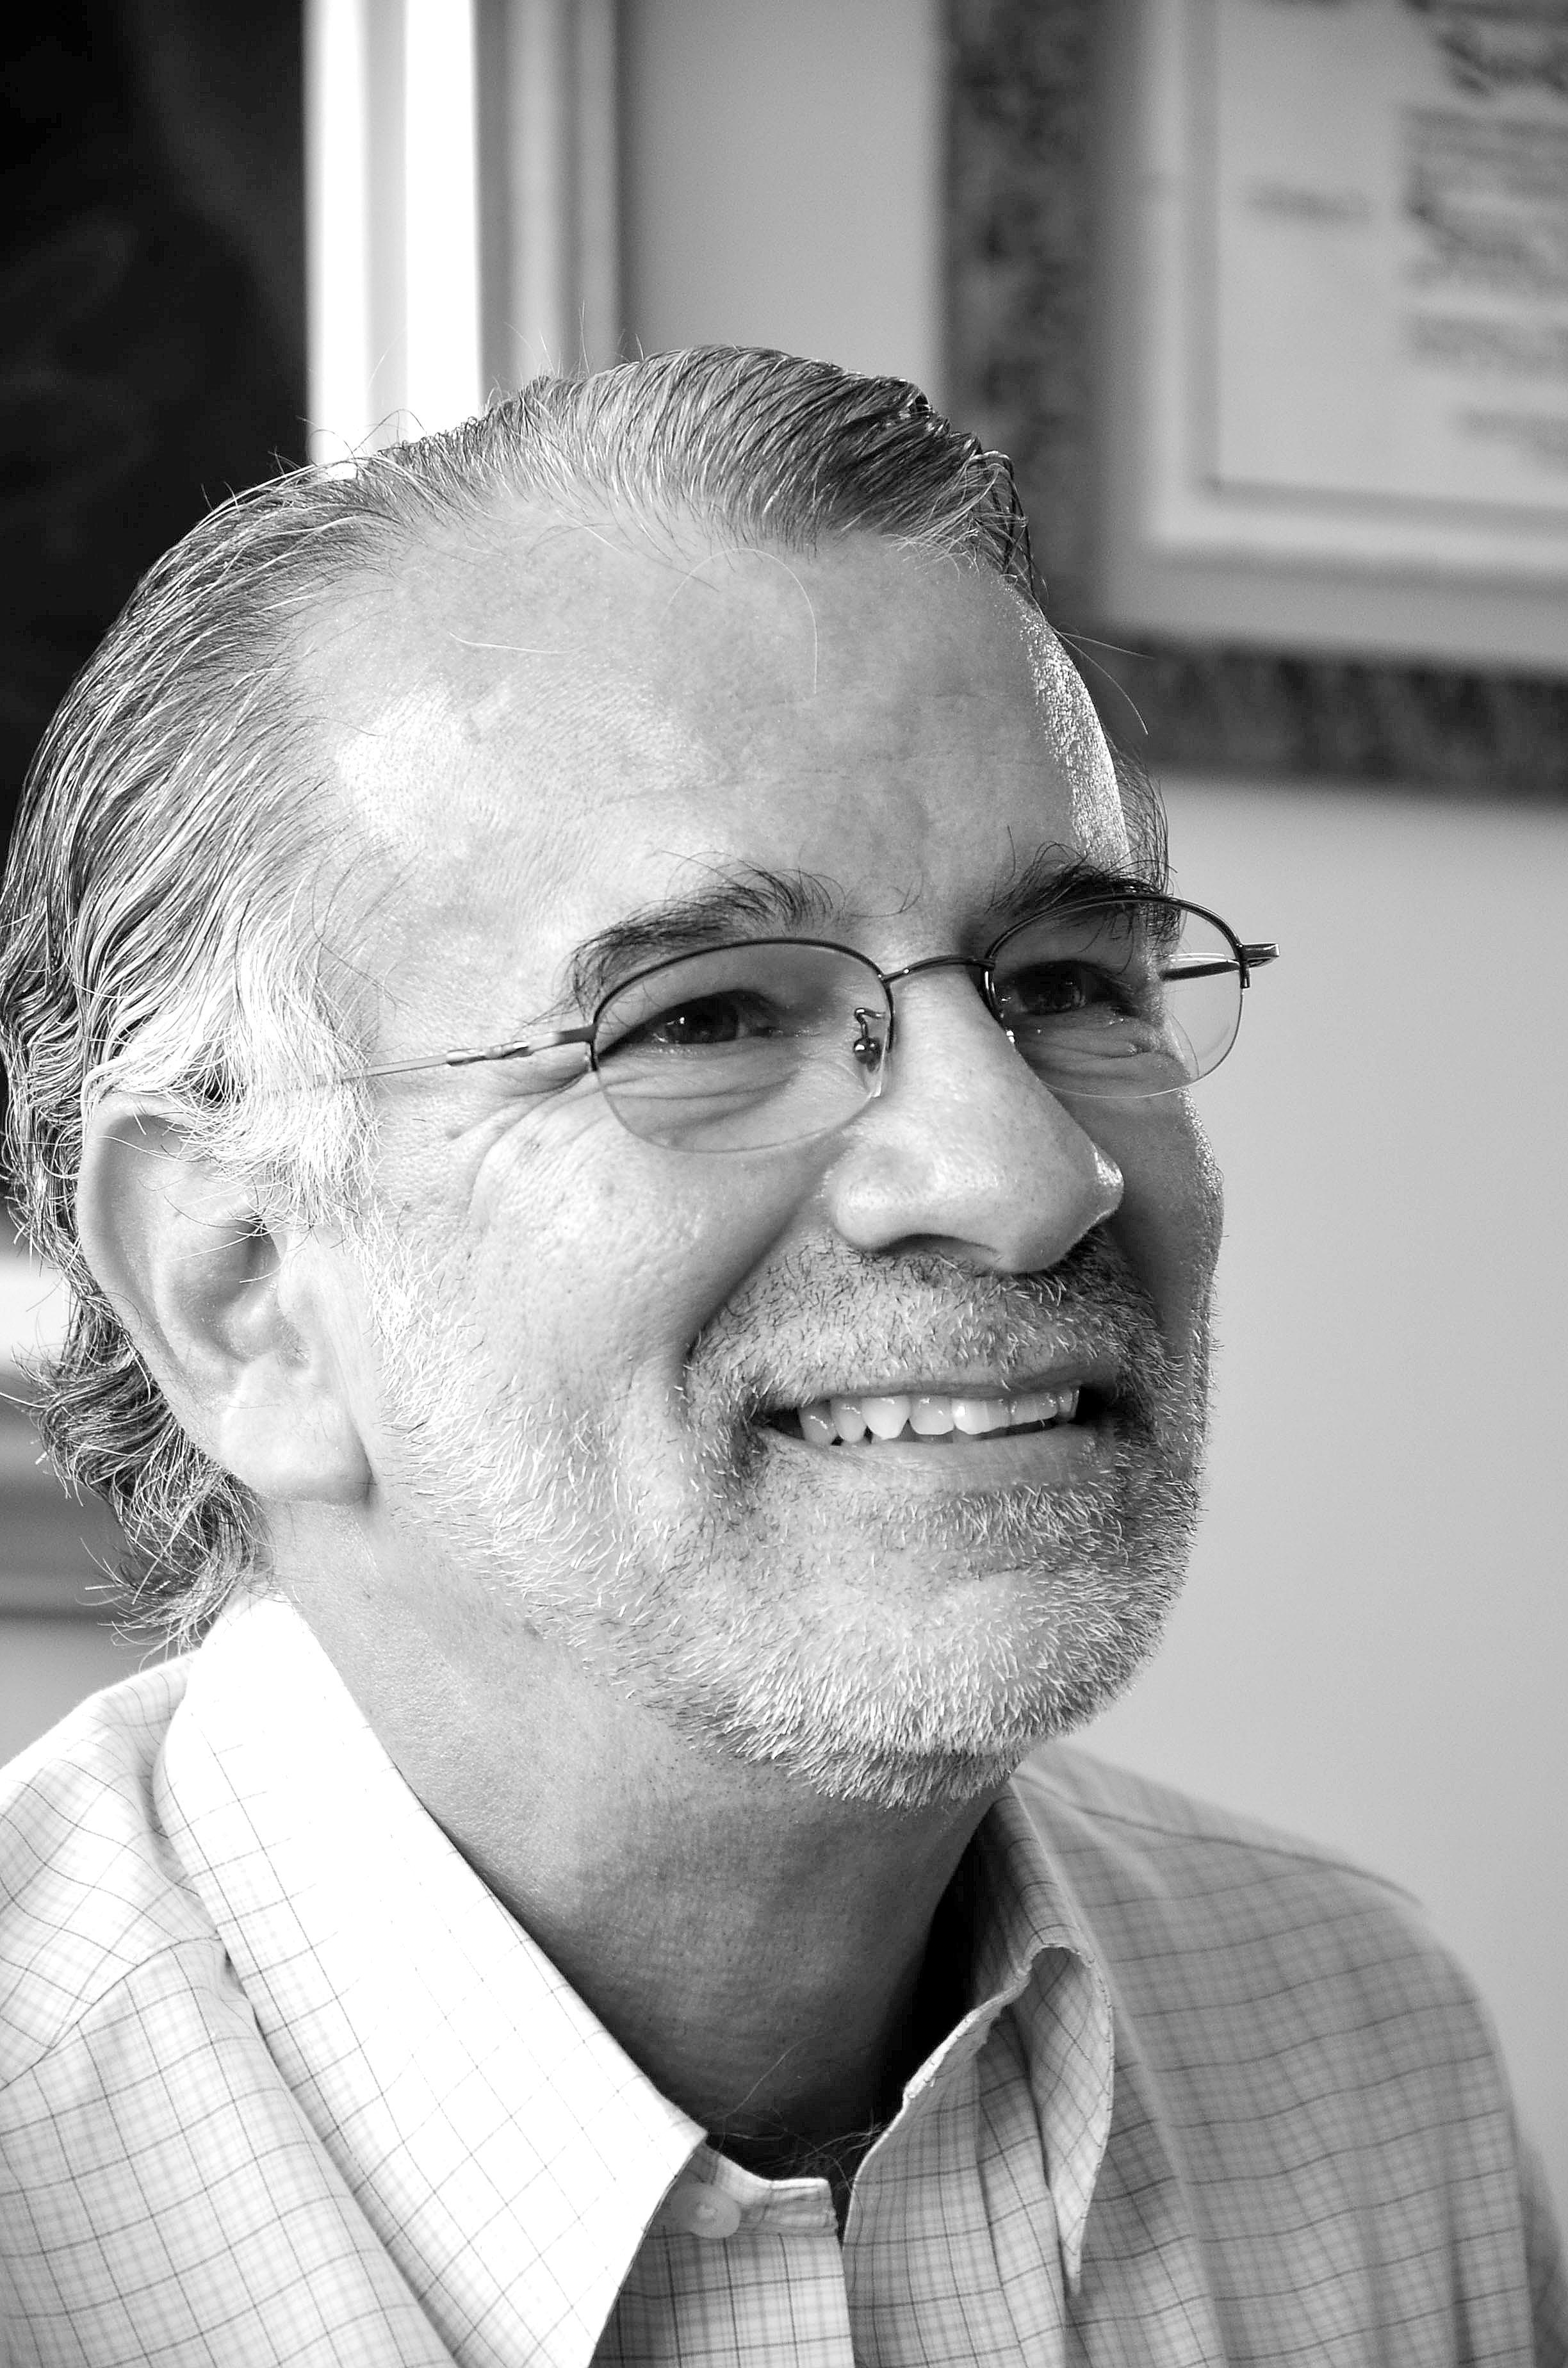 Ley de regiones Por: Eduardo Verano de la Rosa | EL FRENTE